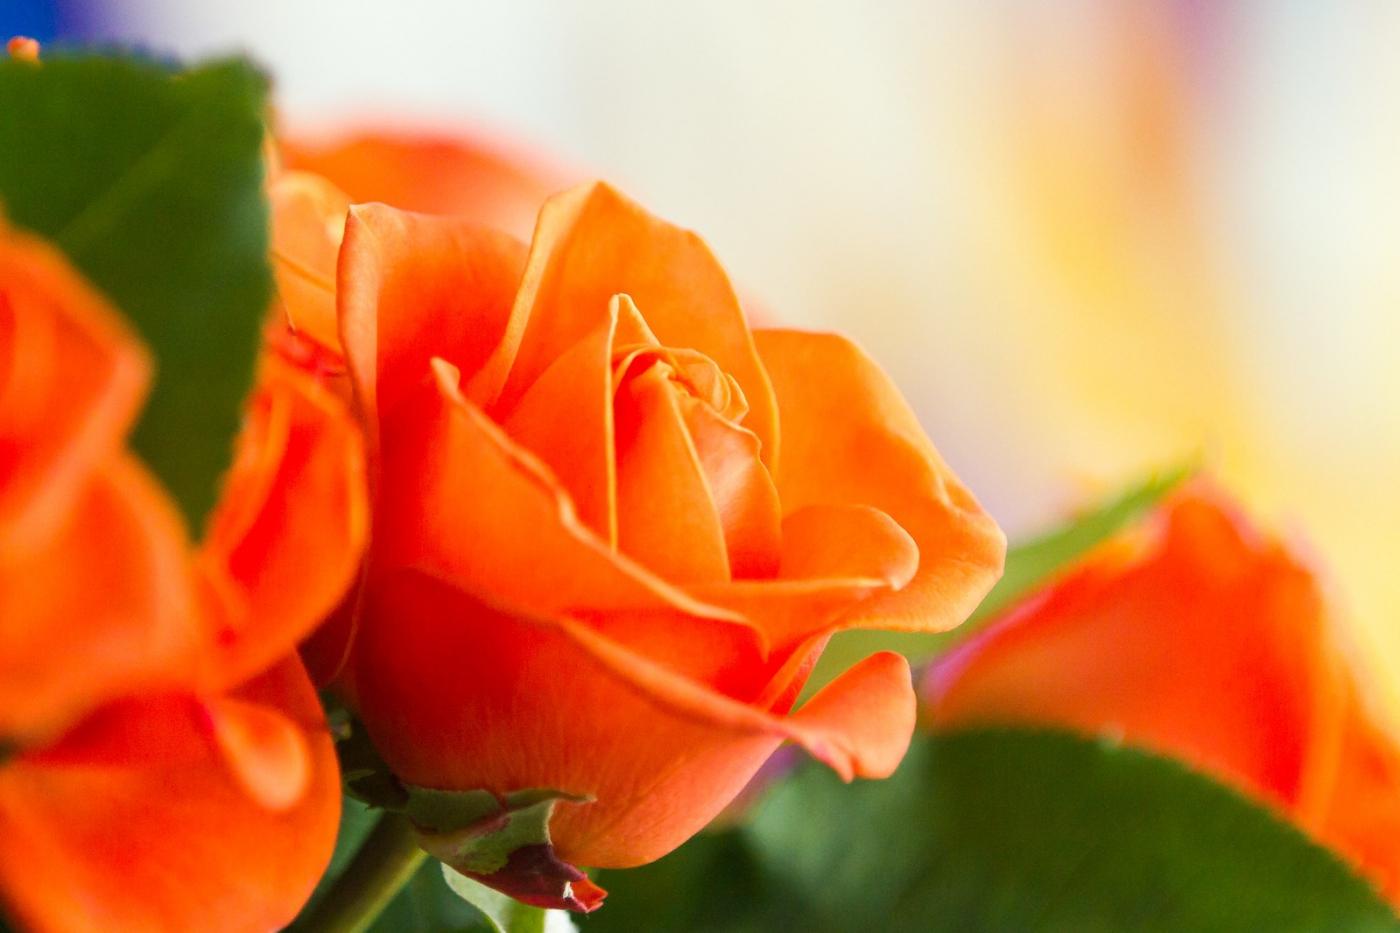 情人节你送花了吗?_图1-6